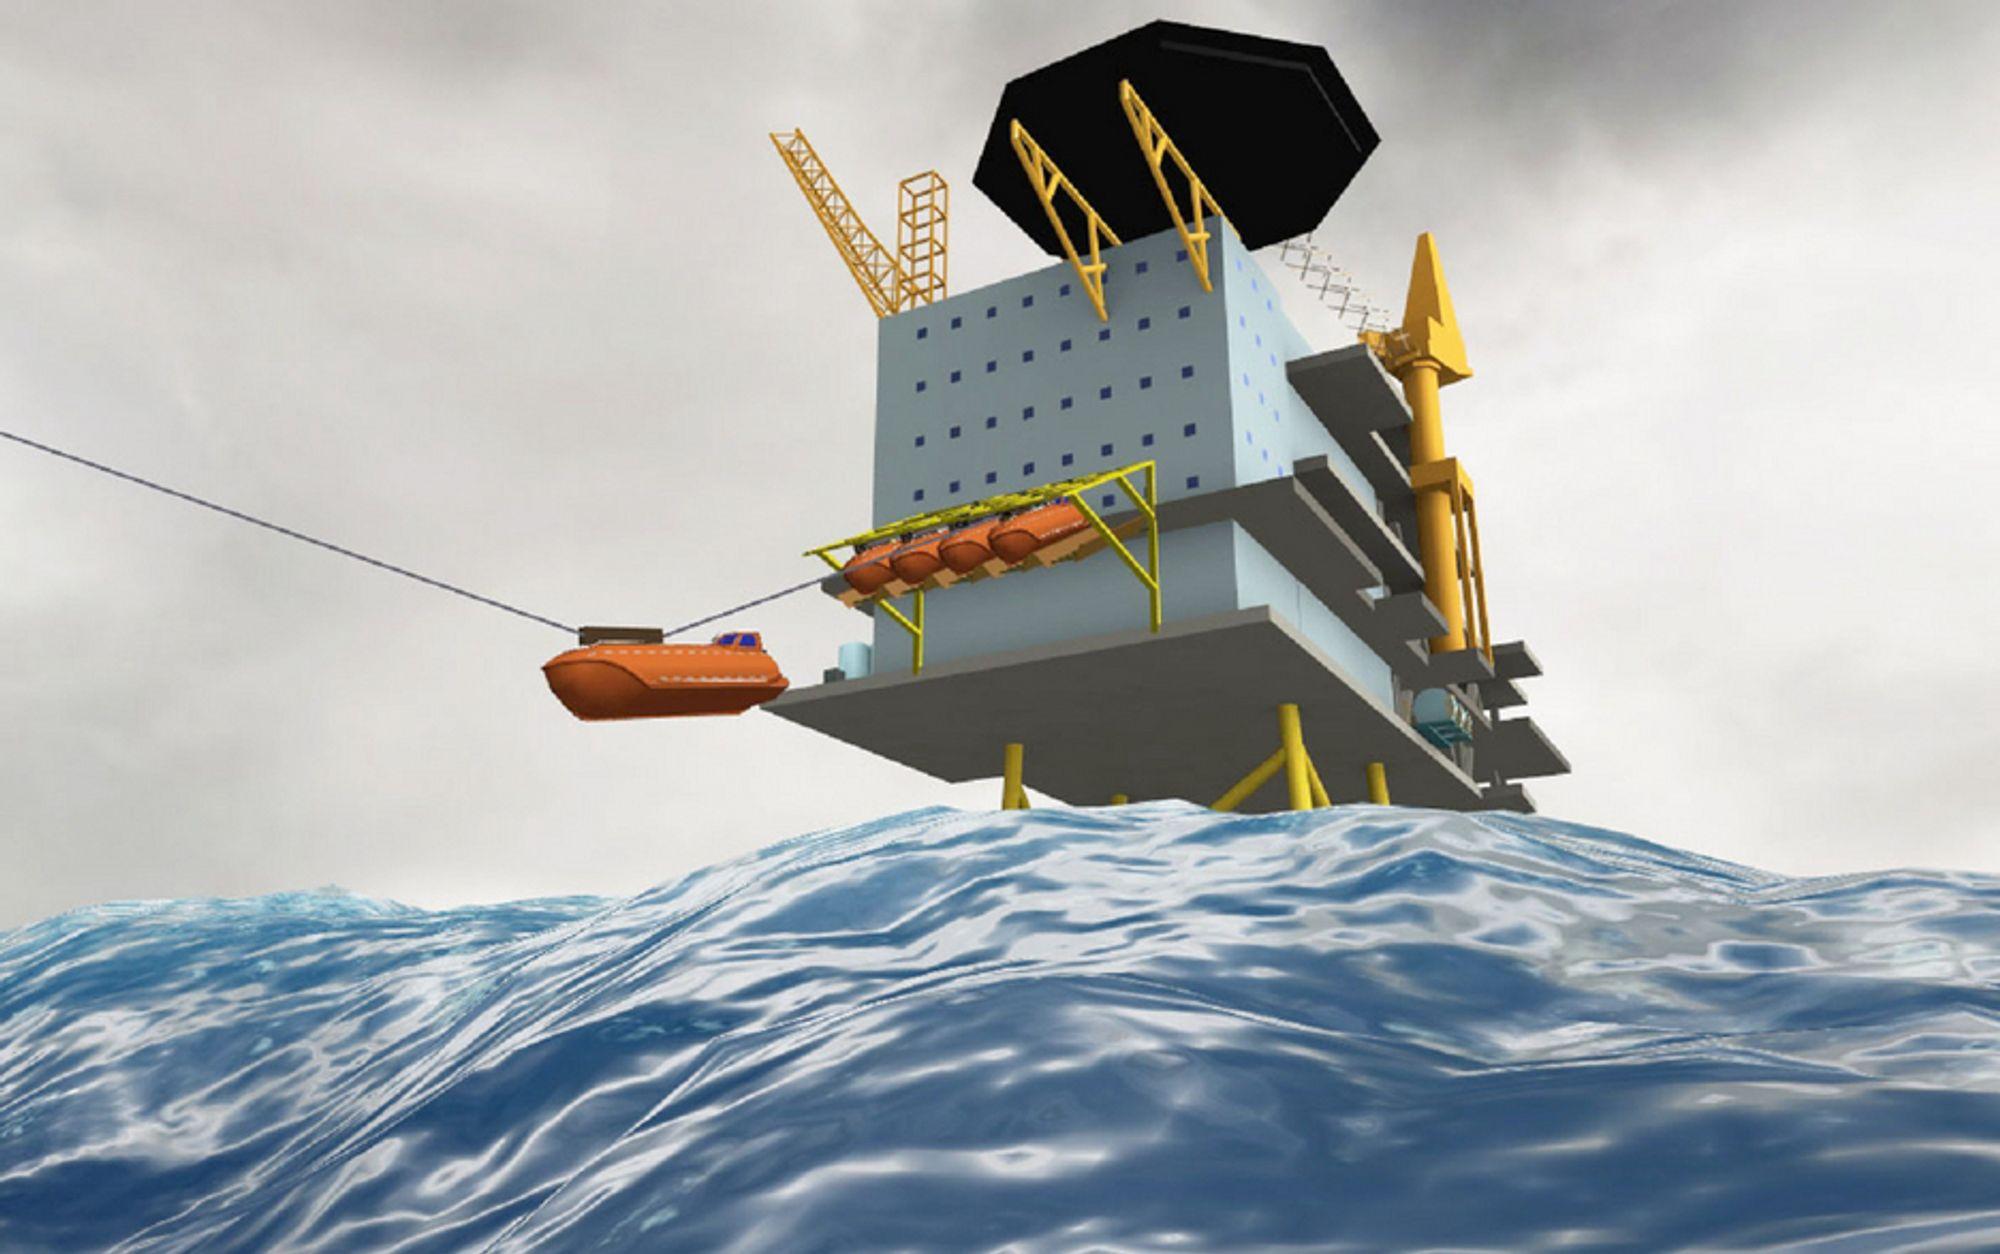 HASTIGHET: Utsettingshastigheten er valgfri, og kan på designstadiet tilpasses mellom 0,5 og 10 m/s. I vannet får båtene en maksimal framdrift på mellom tre og ti m/s.